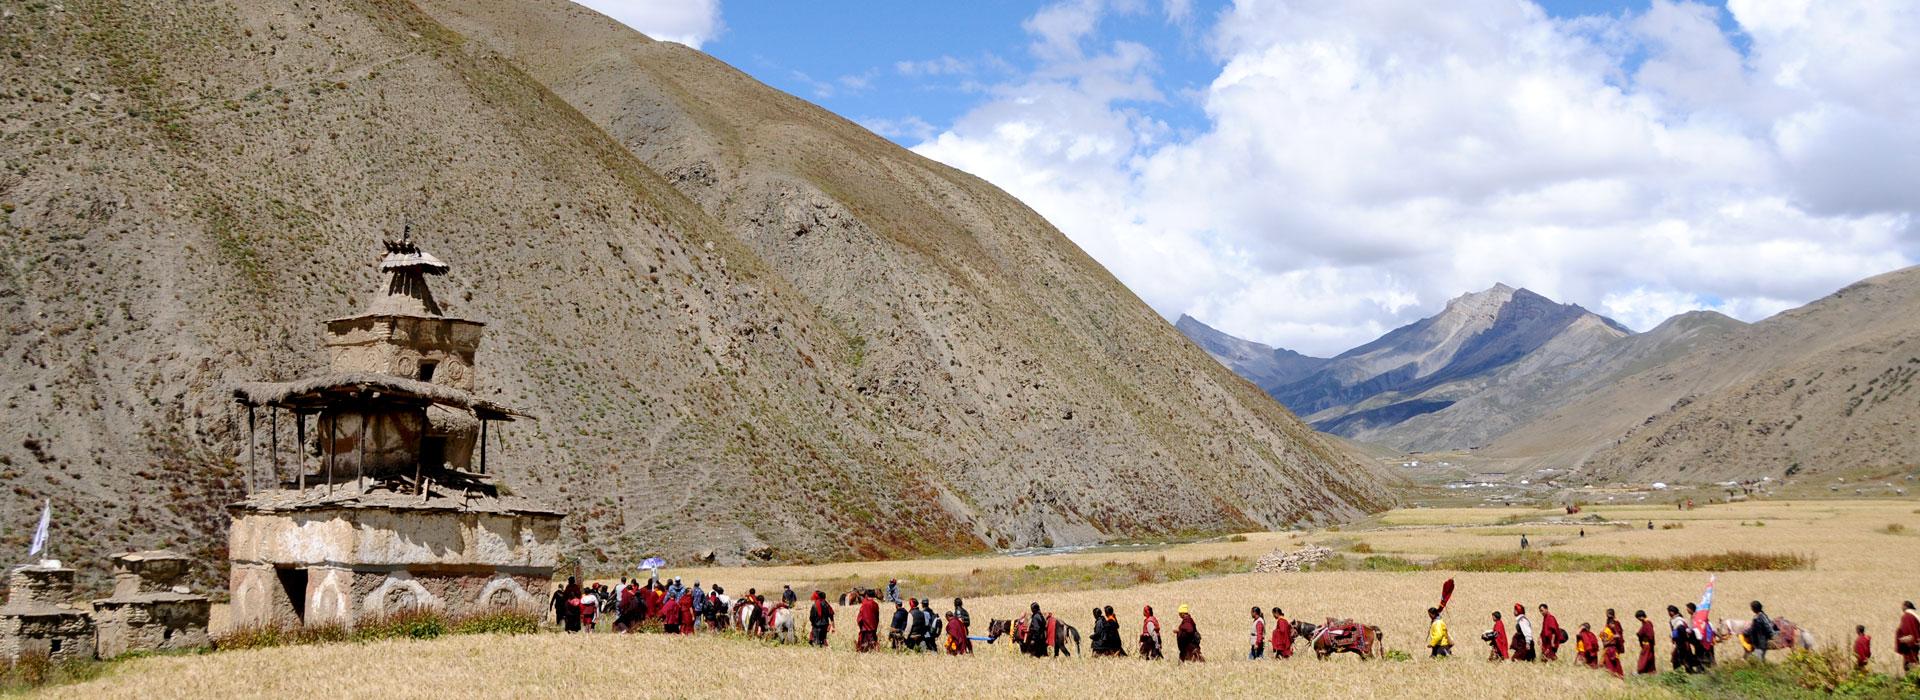 Dolpo Region Trekking